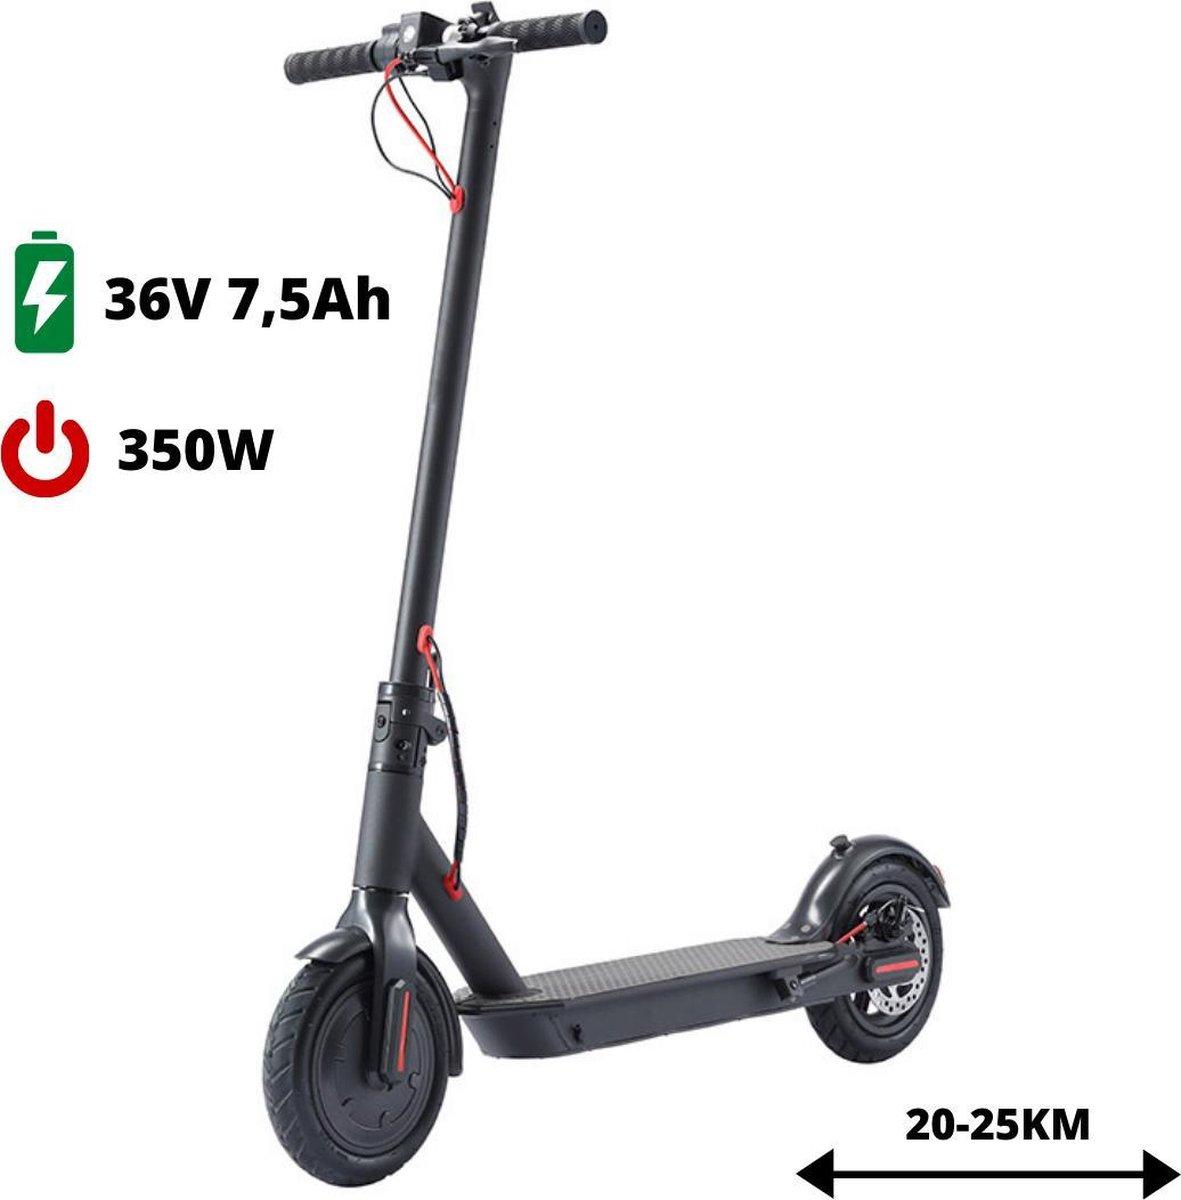 ELBELLO H7 - Opvouwbare elektrische step voor volwassenen - 25km/h 350W - xiaomi look - elektrische